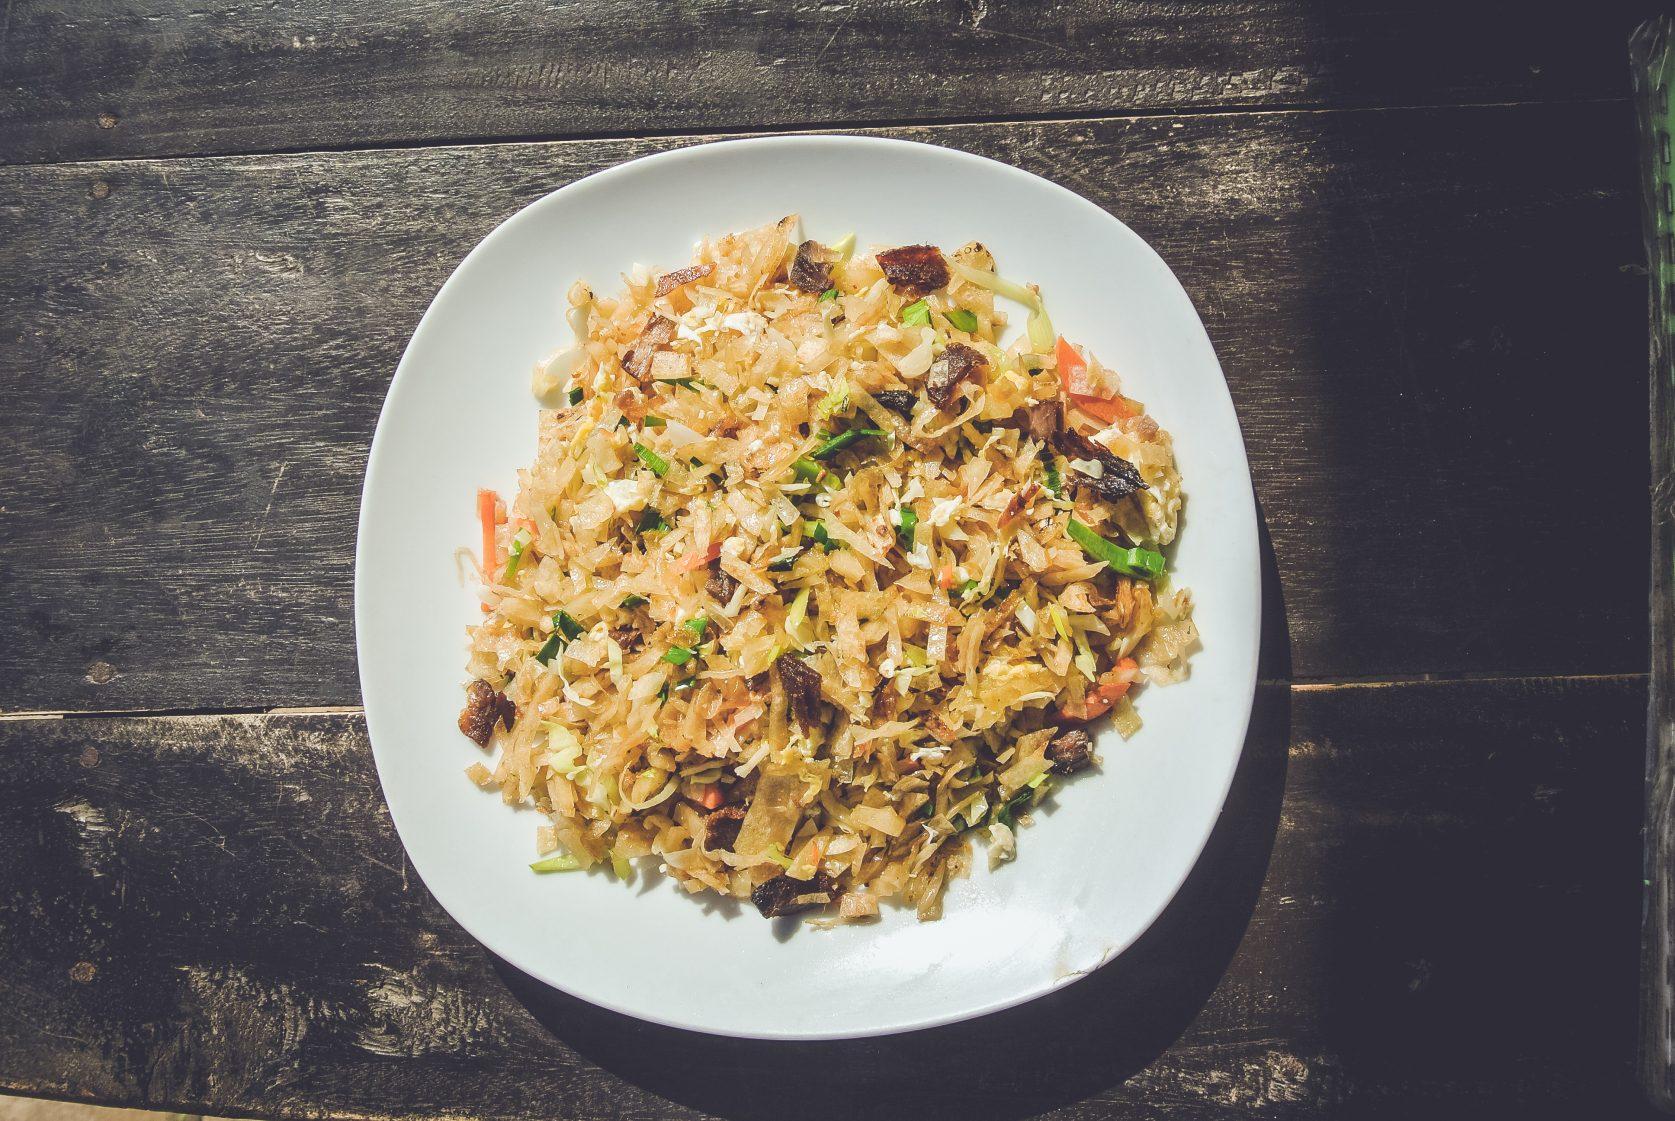 Je kunt er alleen rijst eten, ze kennen geen lekkere gerechten